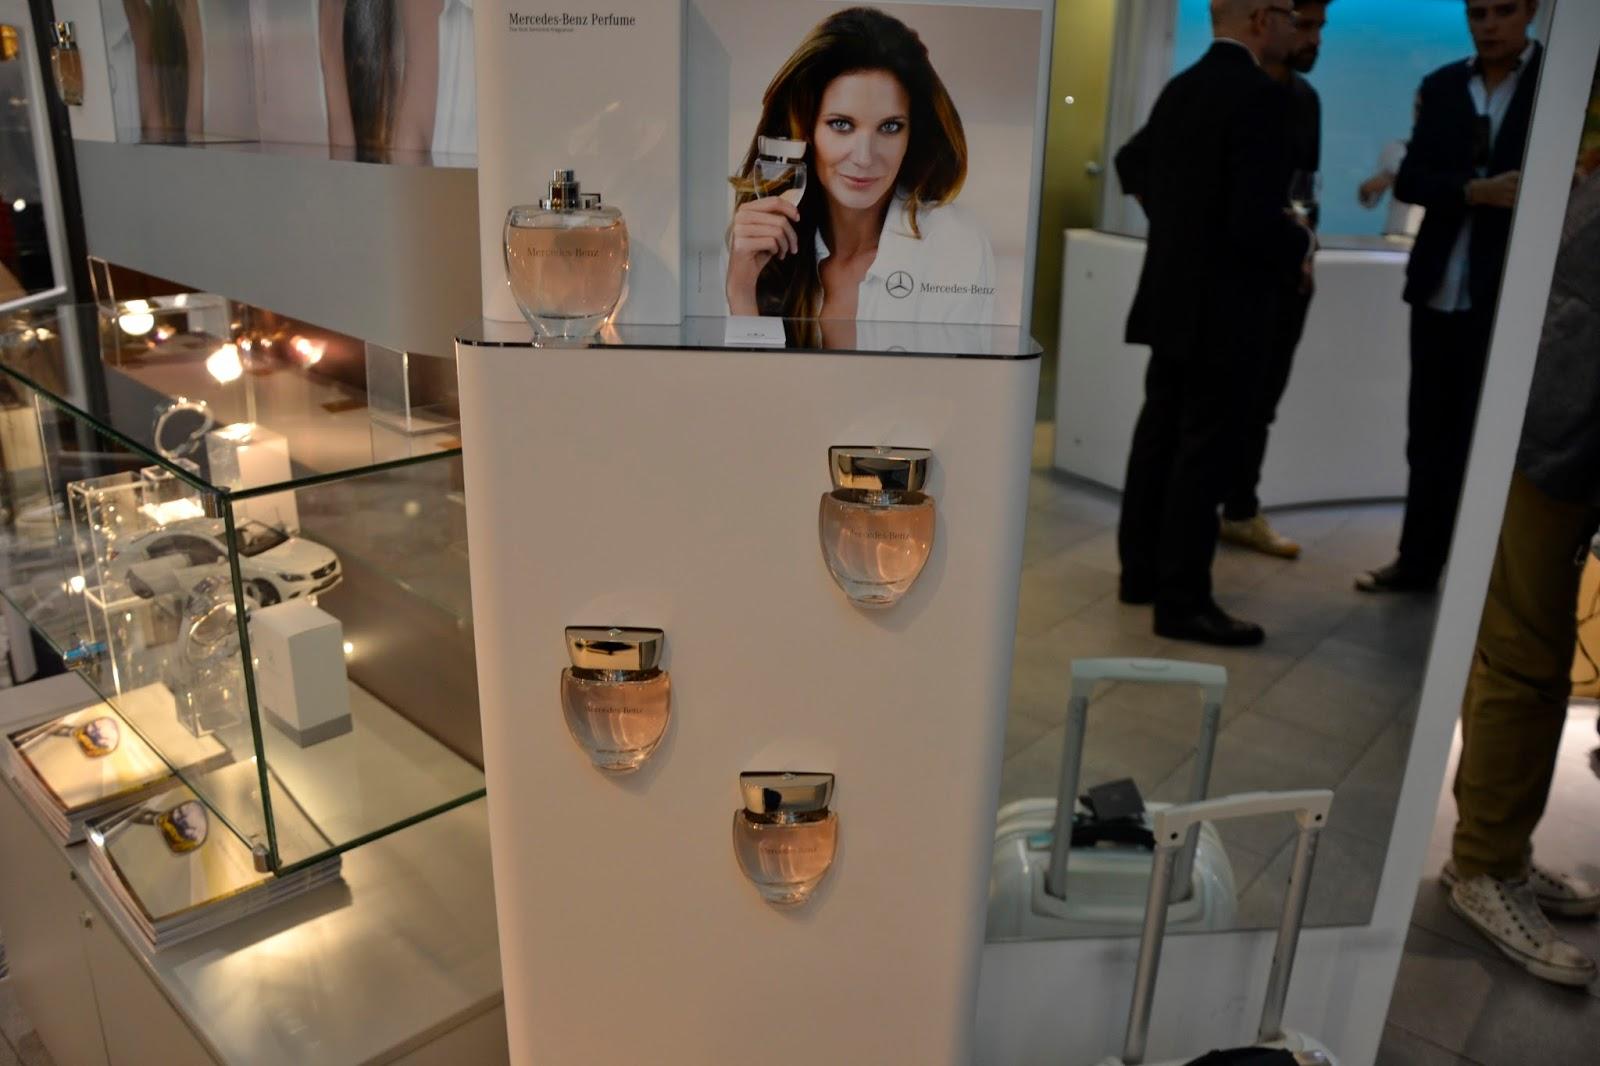 PinkSpeedBlog: VFNO Milan: Mercedes-benz new fragrance